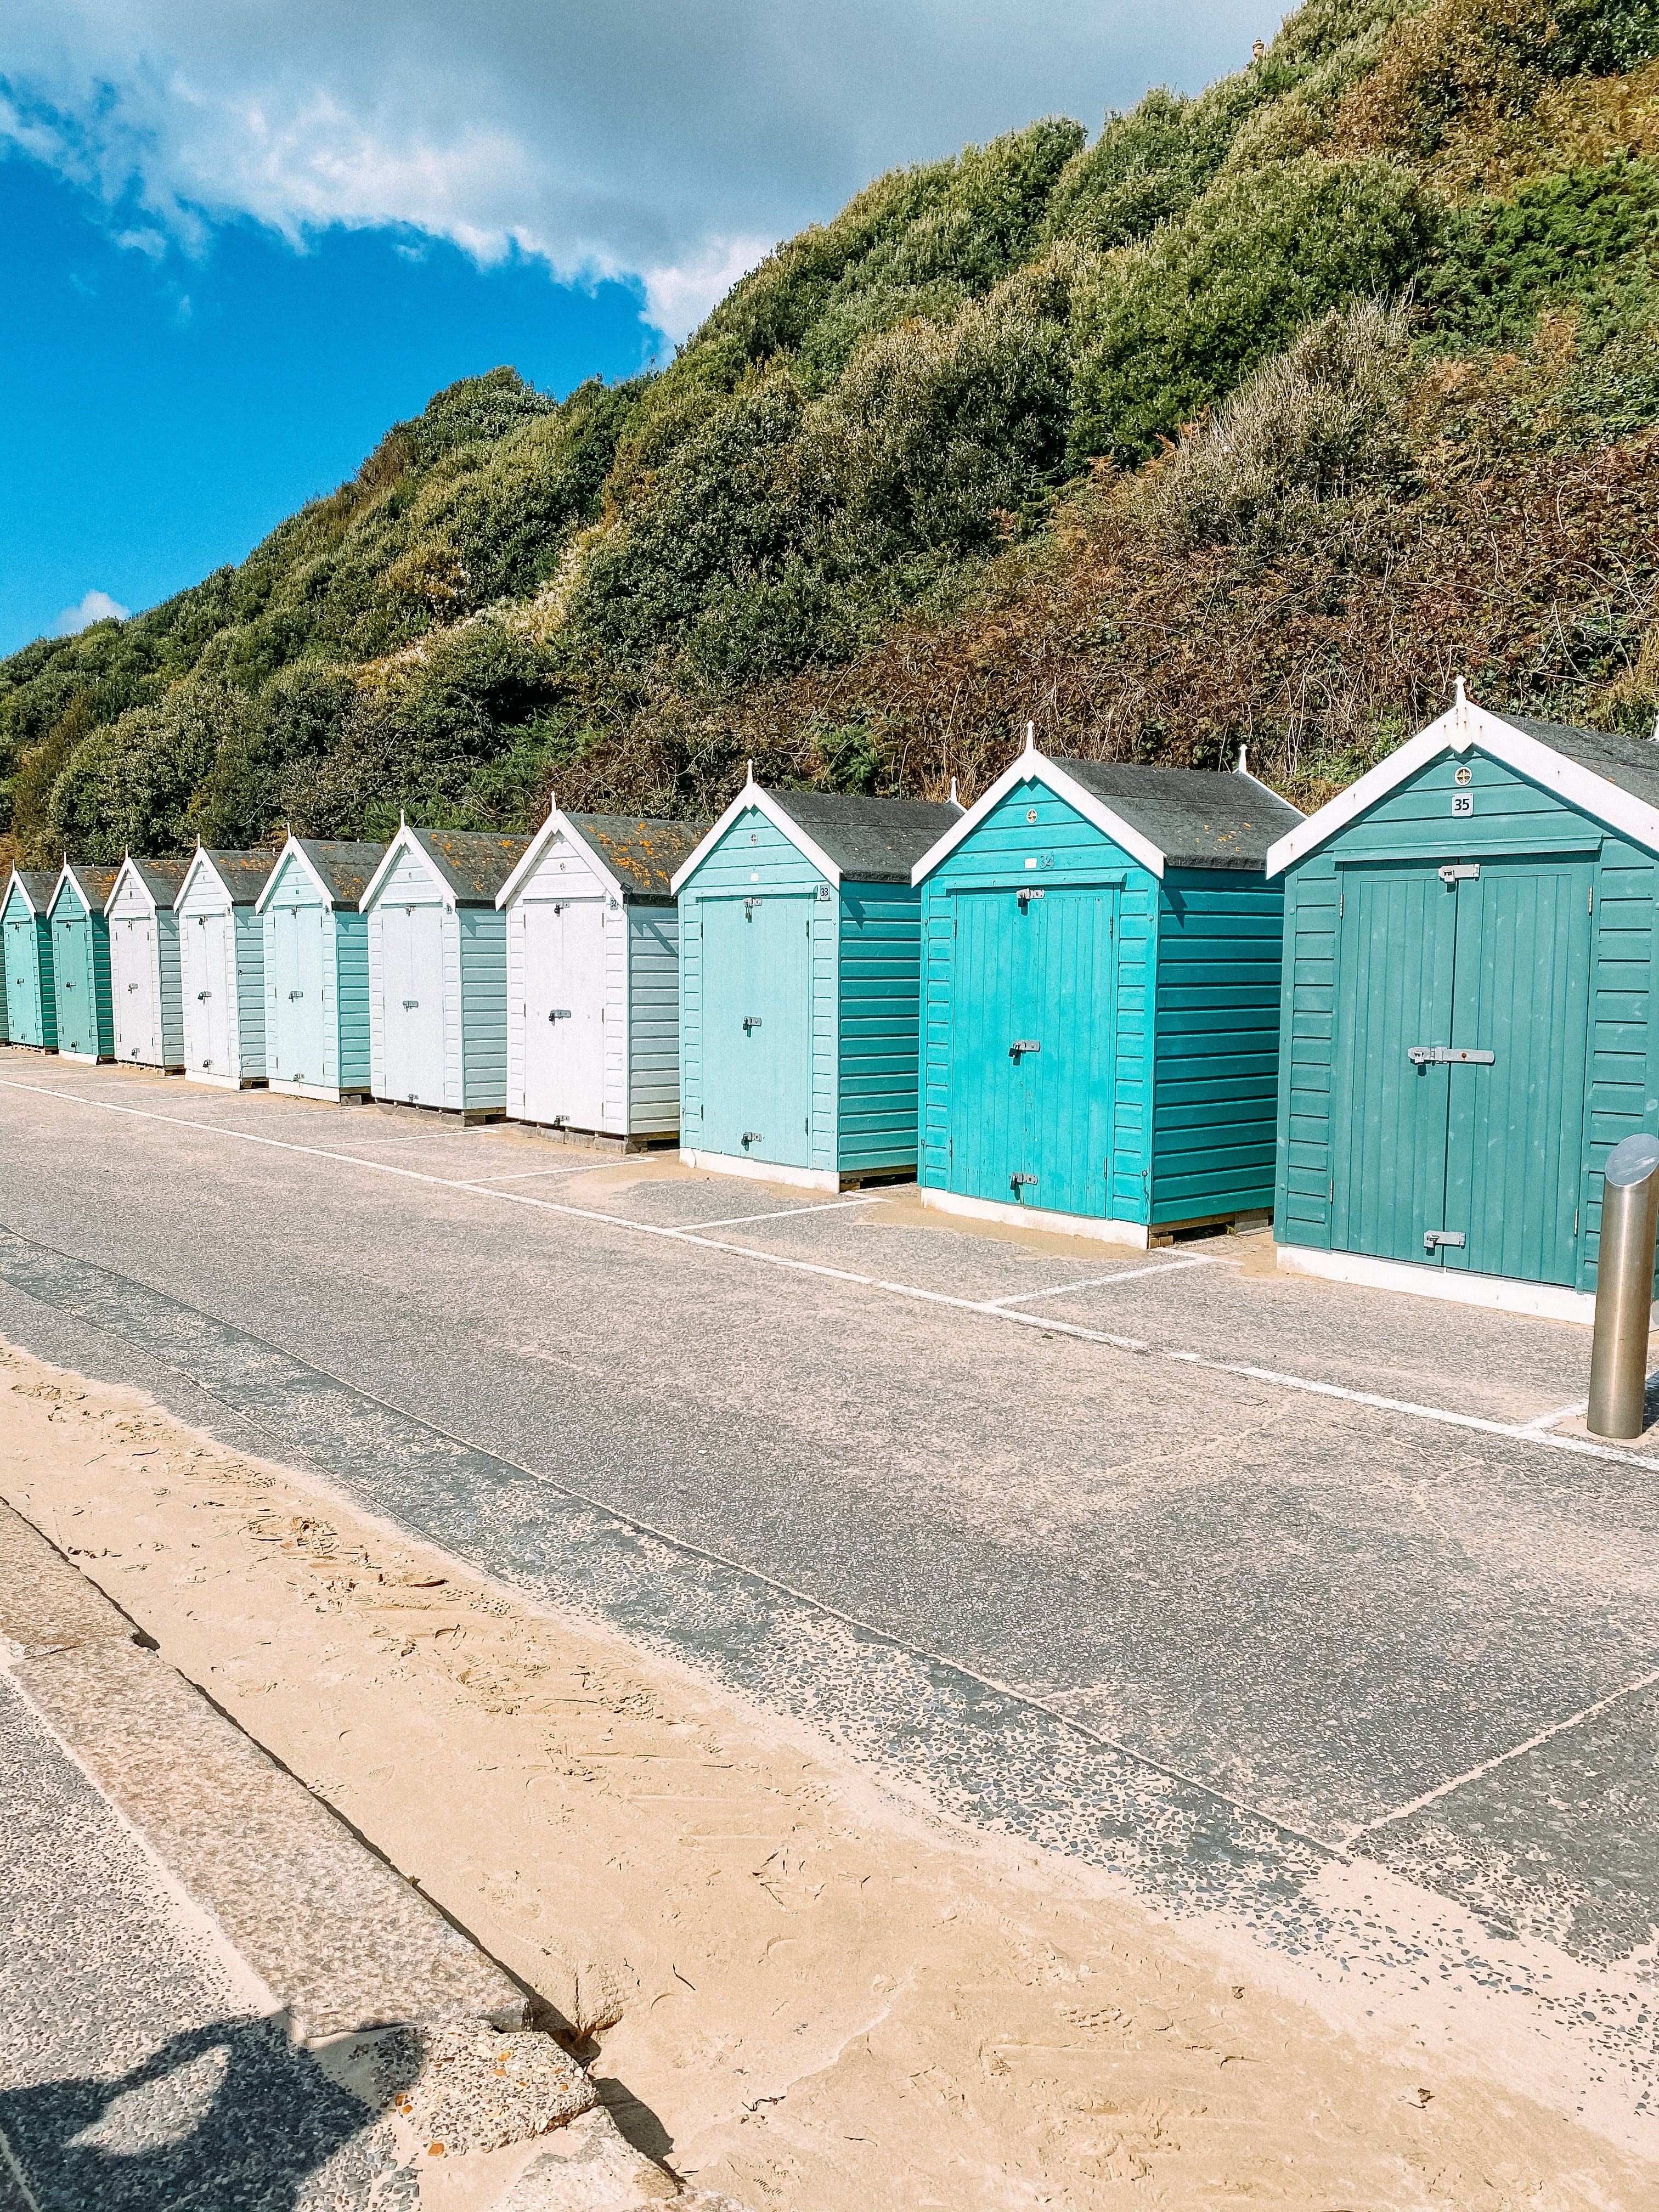 bournemouth beach colourful beach huts